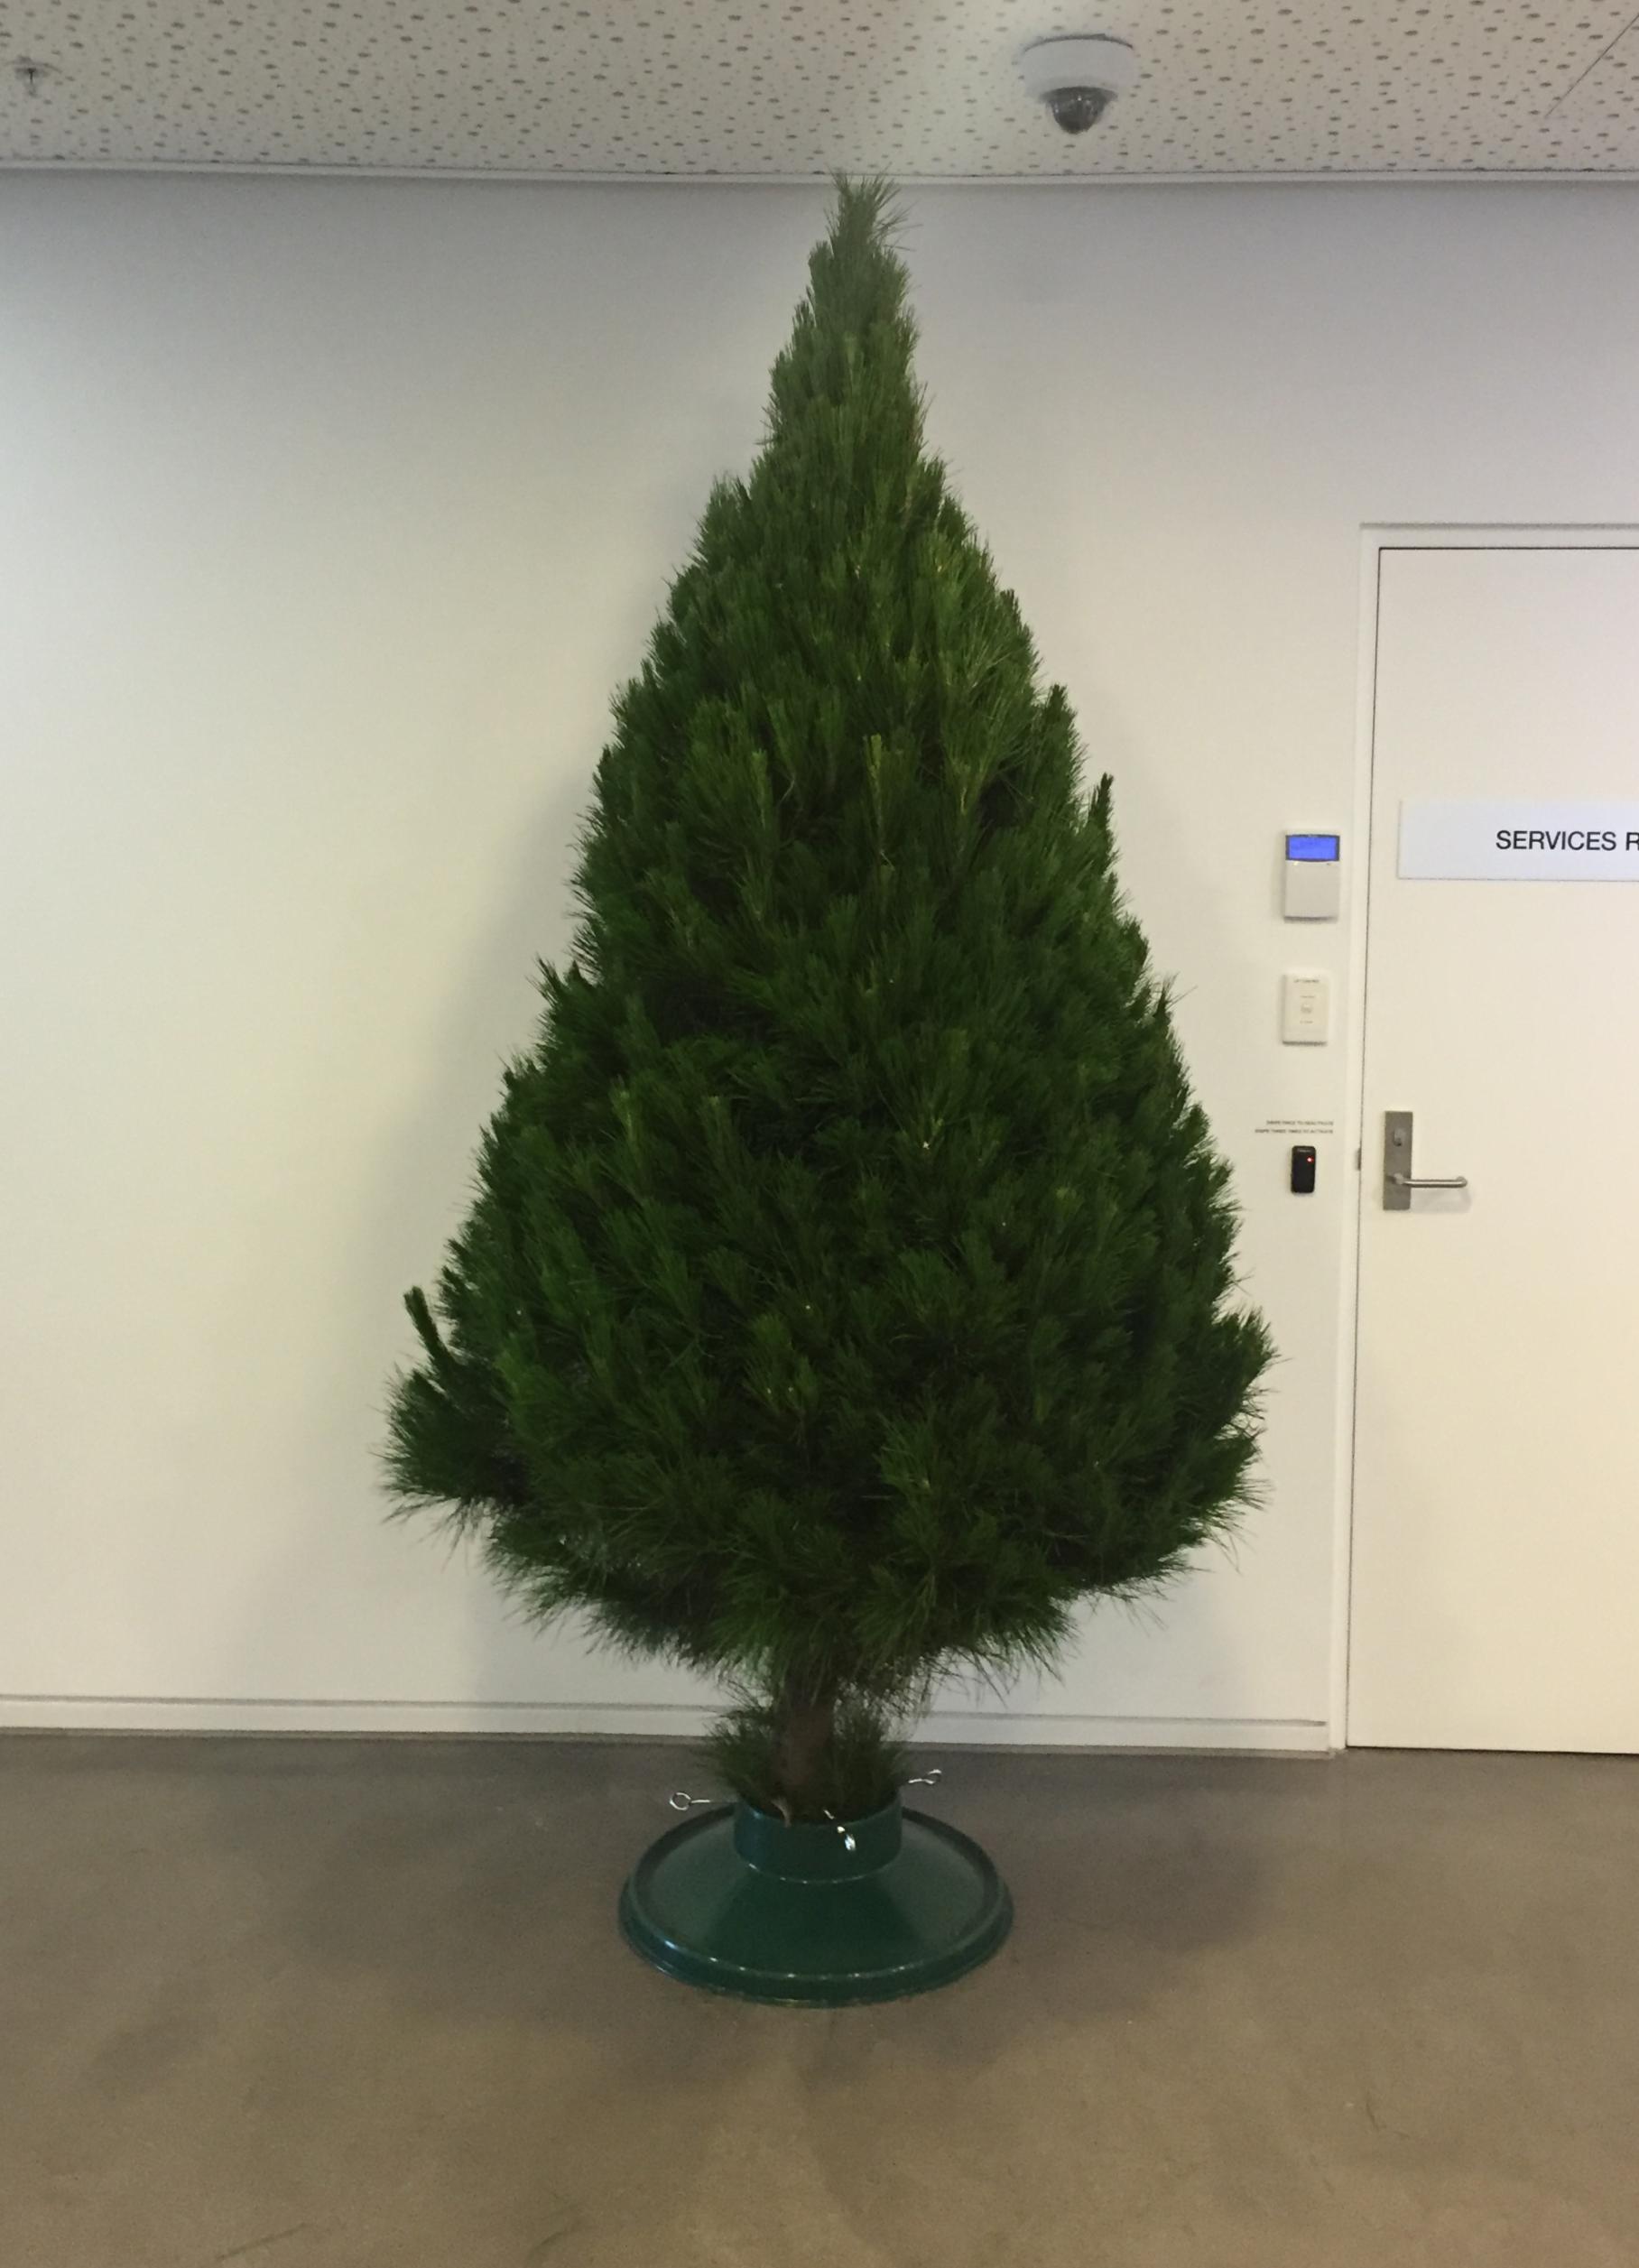 8' Bare Real Christmas Tree